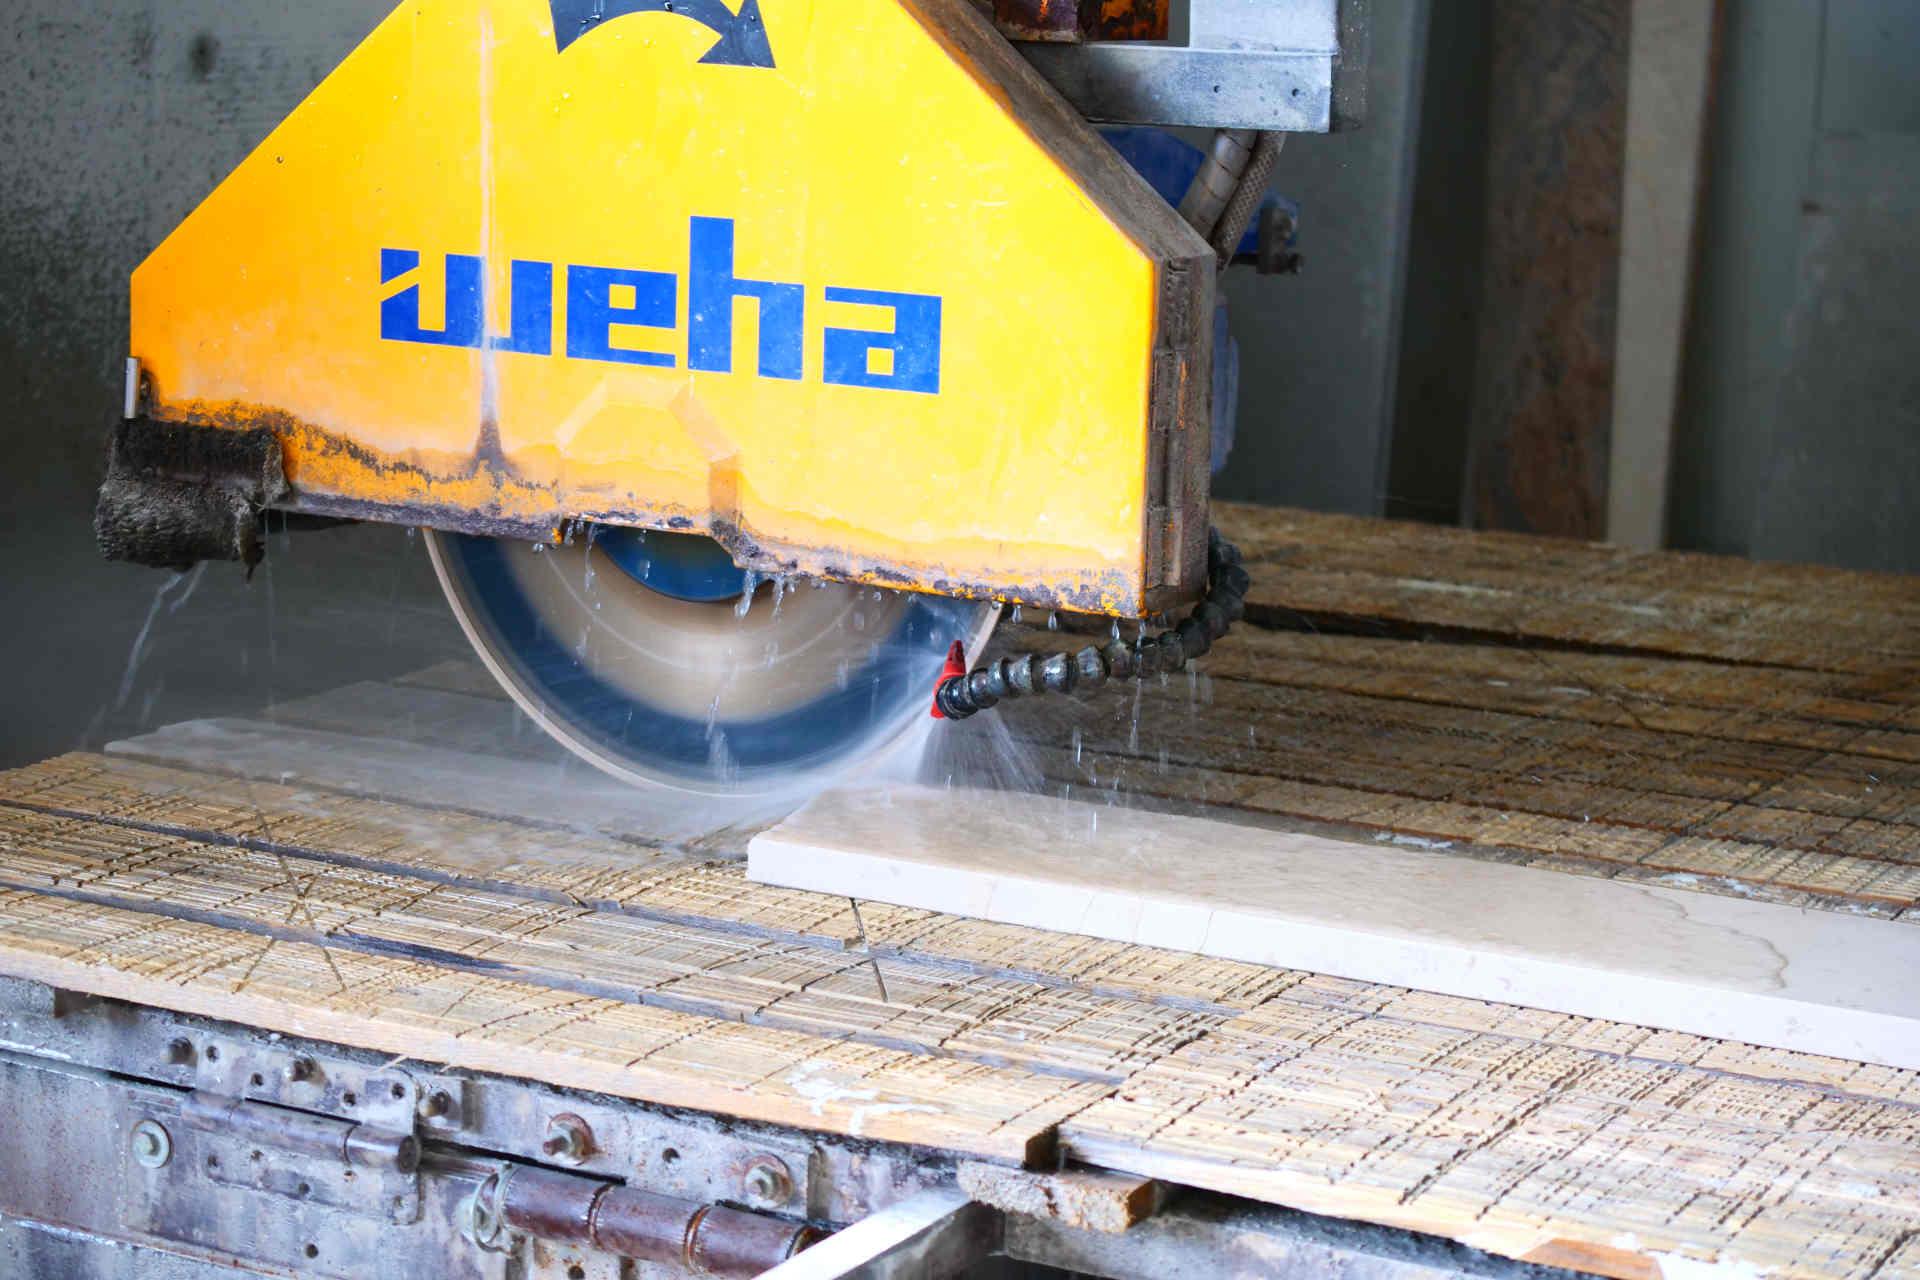 Werkzeug der Firma Kumschier & Lombardo Naturstein GmbH & Co. KG in Flintsbach am Inn